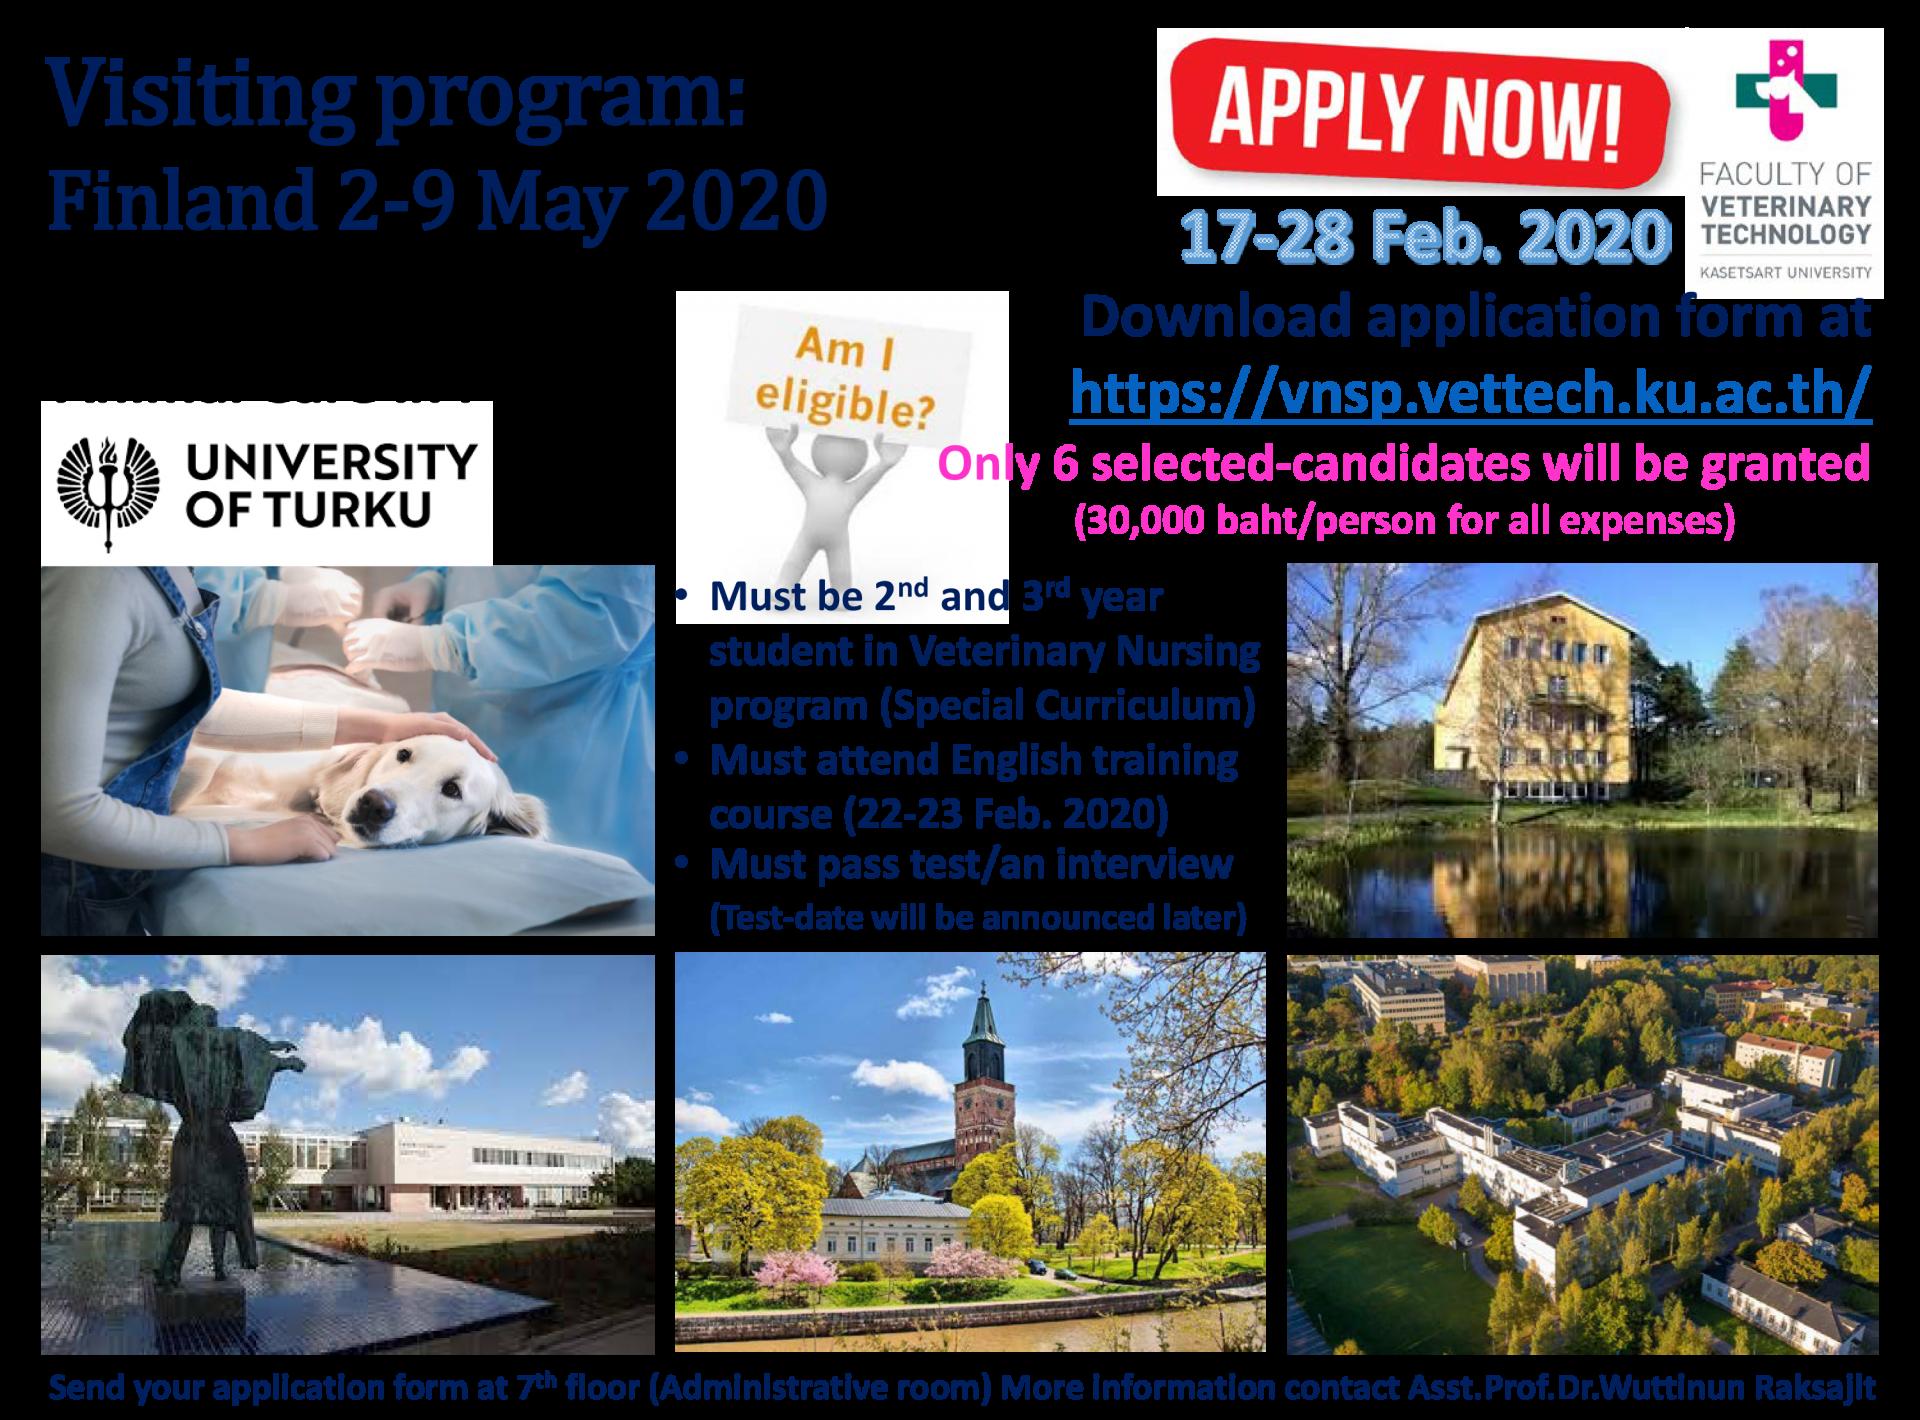 ทุนโครงการส่งเสริมนิสิตไปศึกษาดูงานและแลกเปลี่ยนประสบการณ์ในต่างประเทศ : Finland 2-9 May 2020